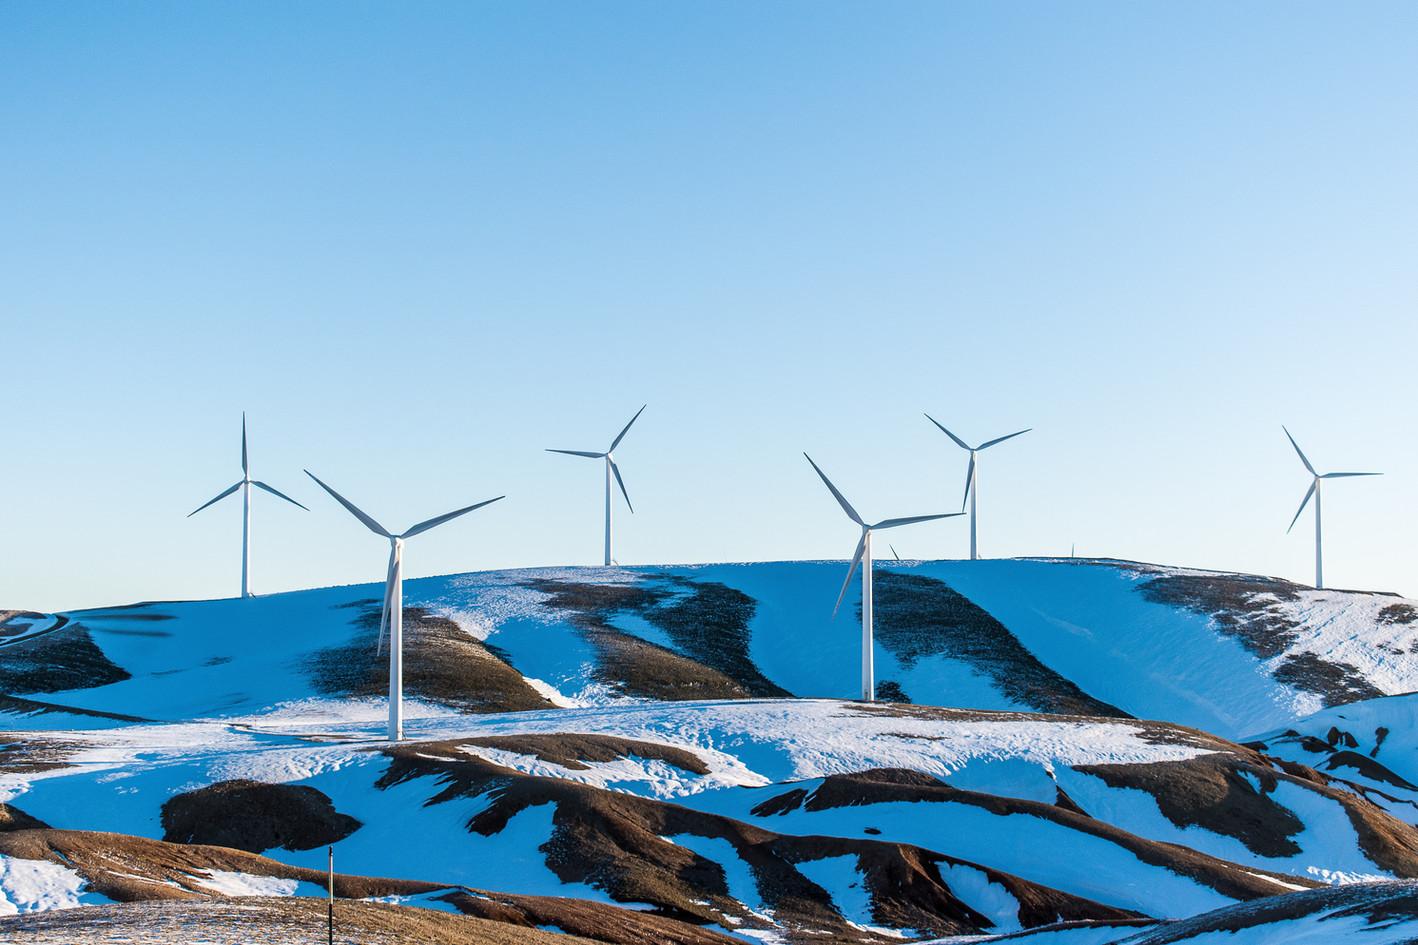 Maintenance of wind turbines